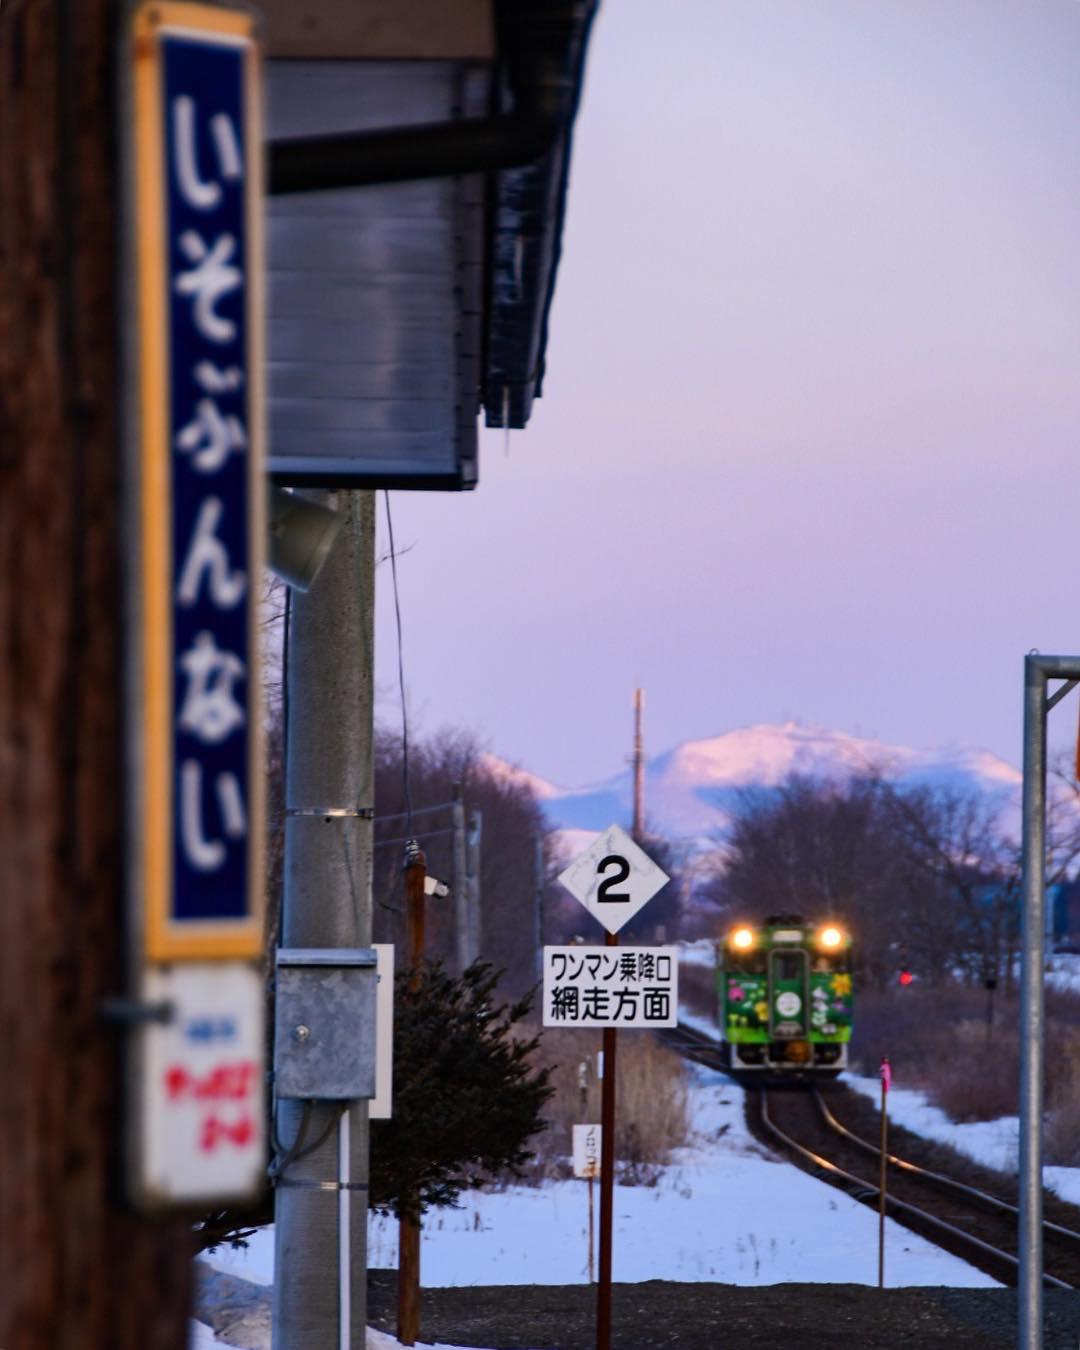 磯分内駅に着く電車